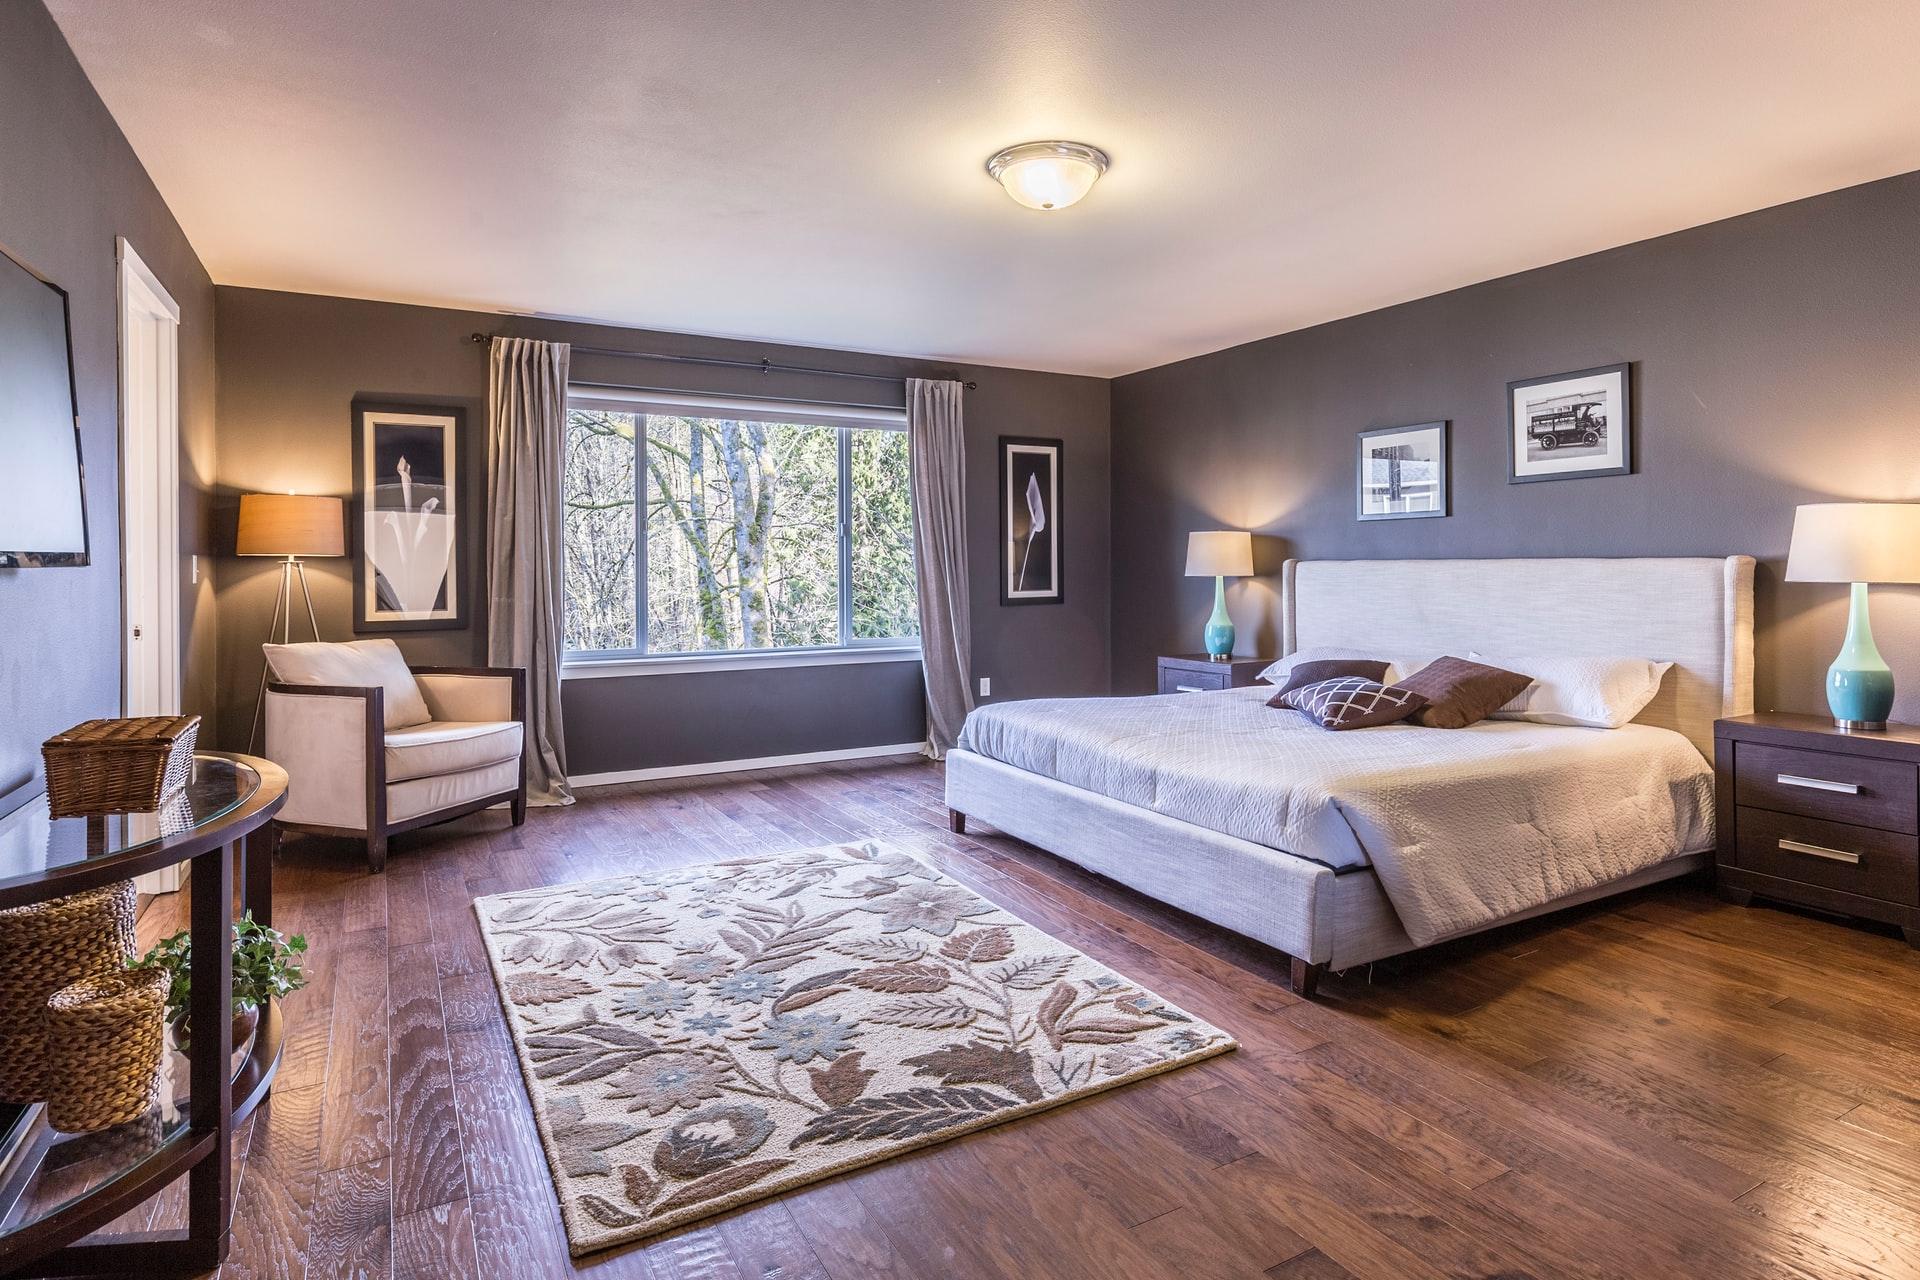 Интерьер спальни: какой тон и цвета выбрать?